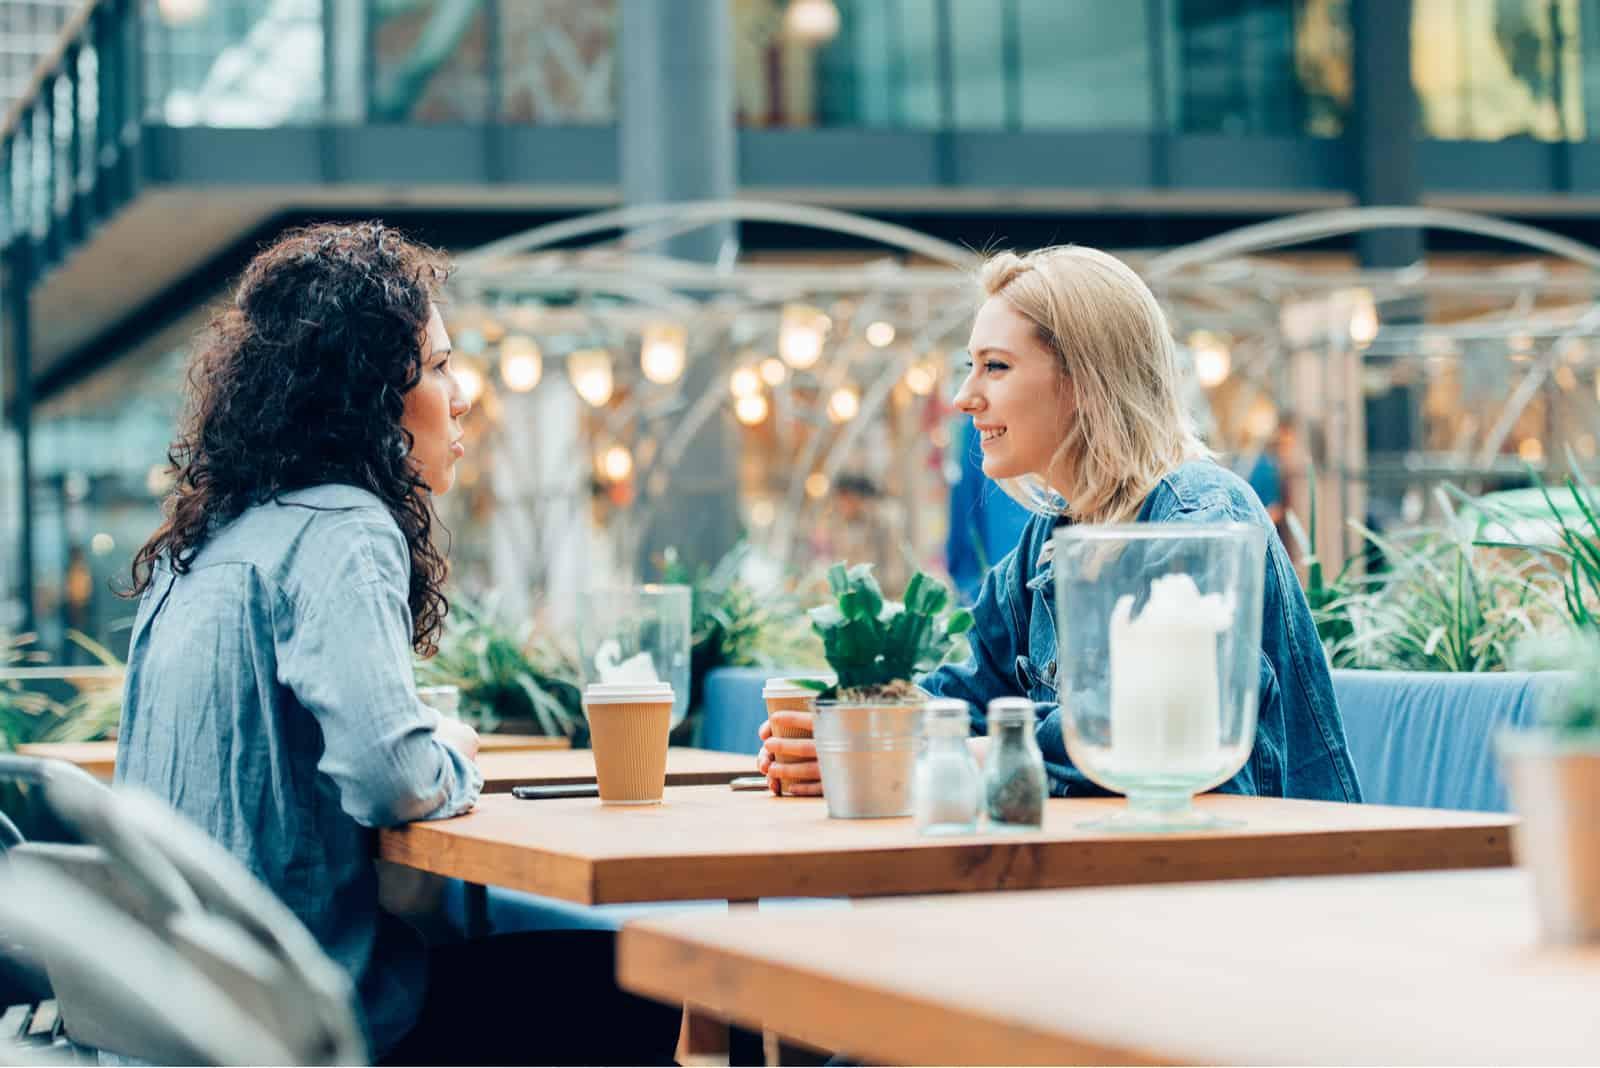 deux amis autour d'un café en train de parler